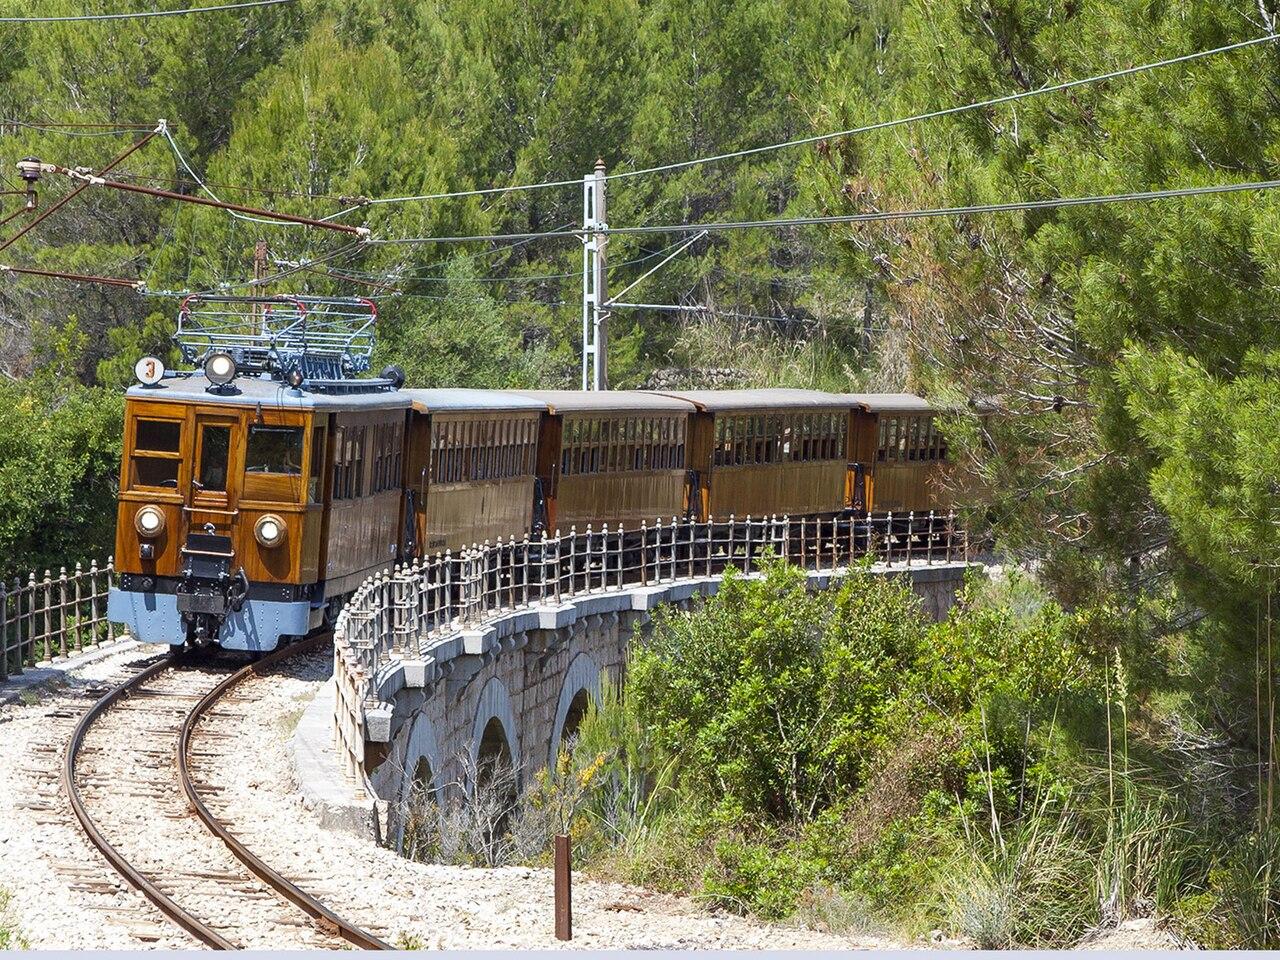 Tren de Sóller en el puente de los 5 ojos, foto de Diesellokophren